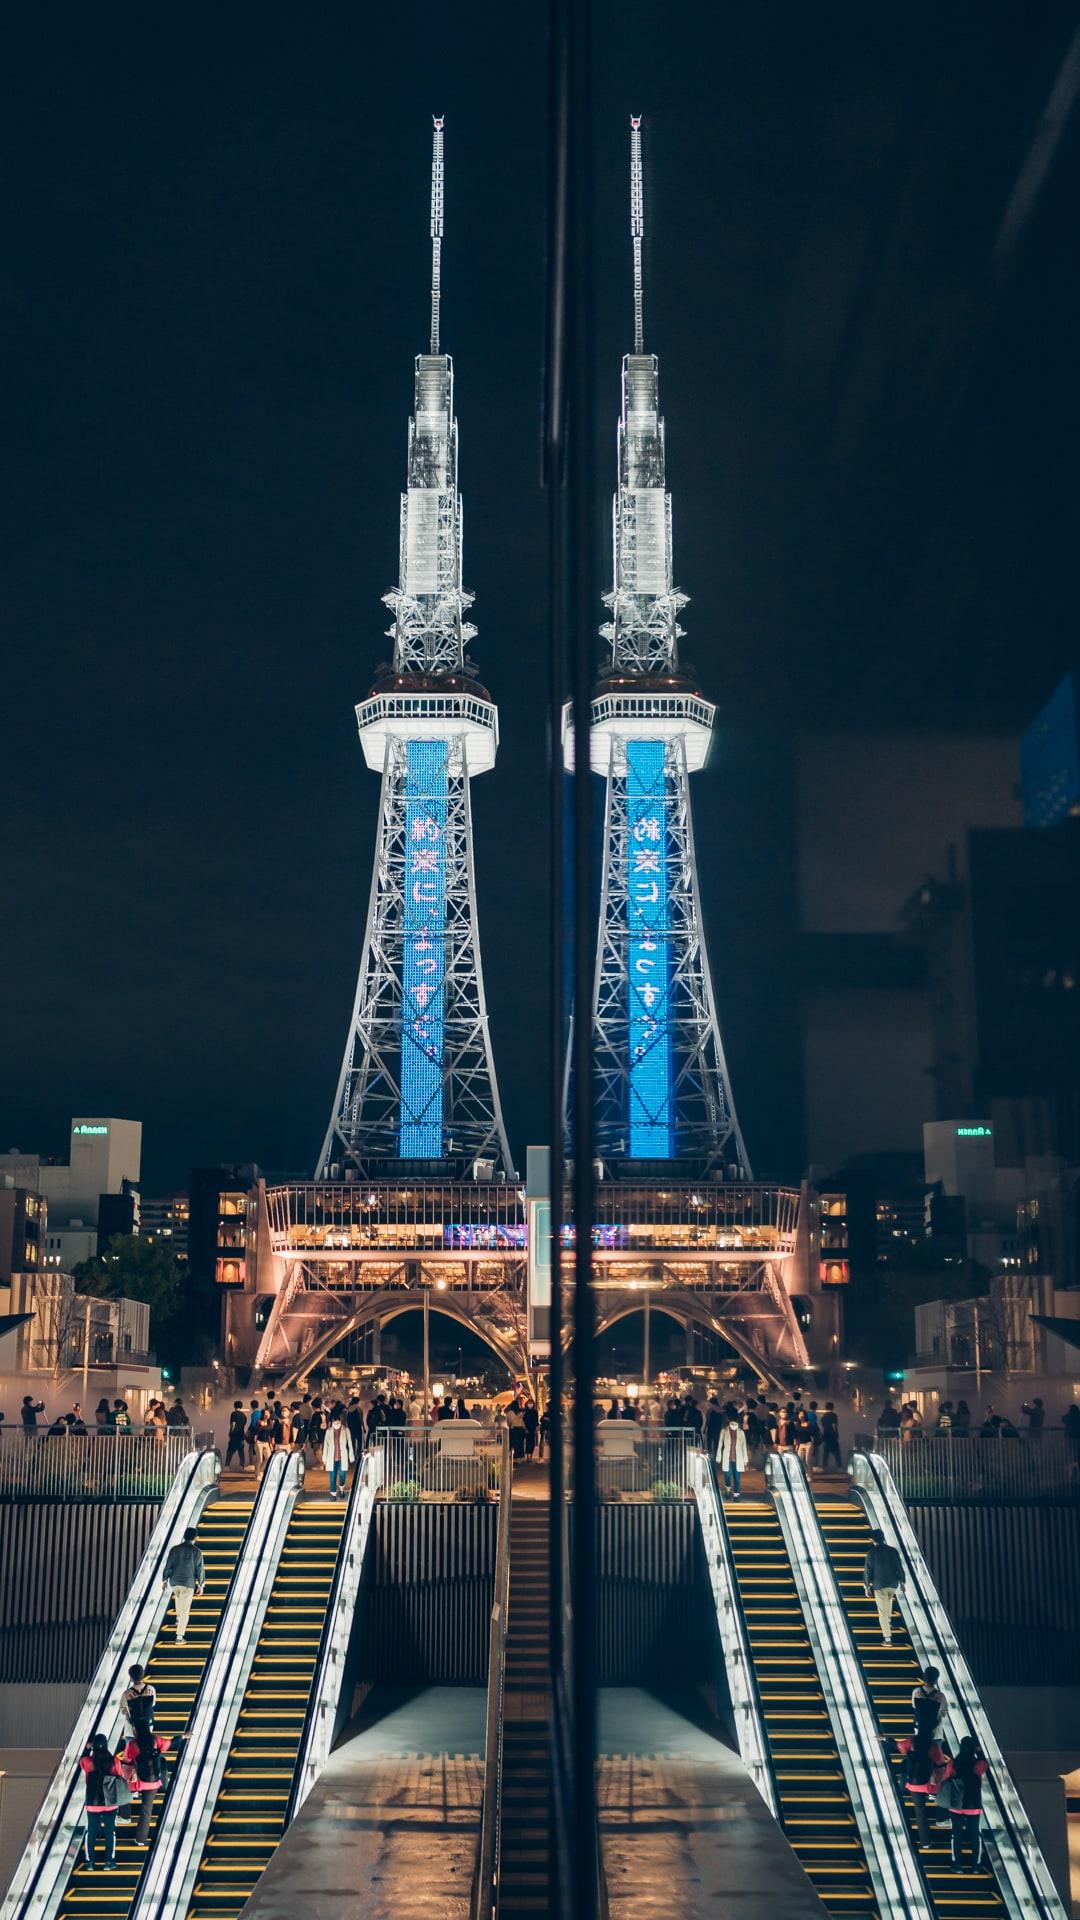 久屋大通公園ミズベ広場から撮影したリフレクション